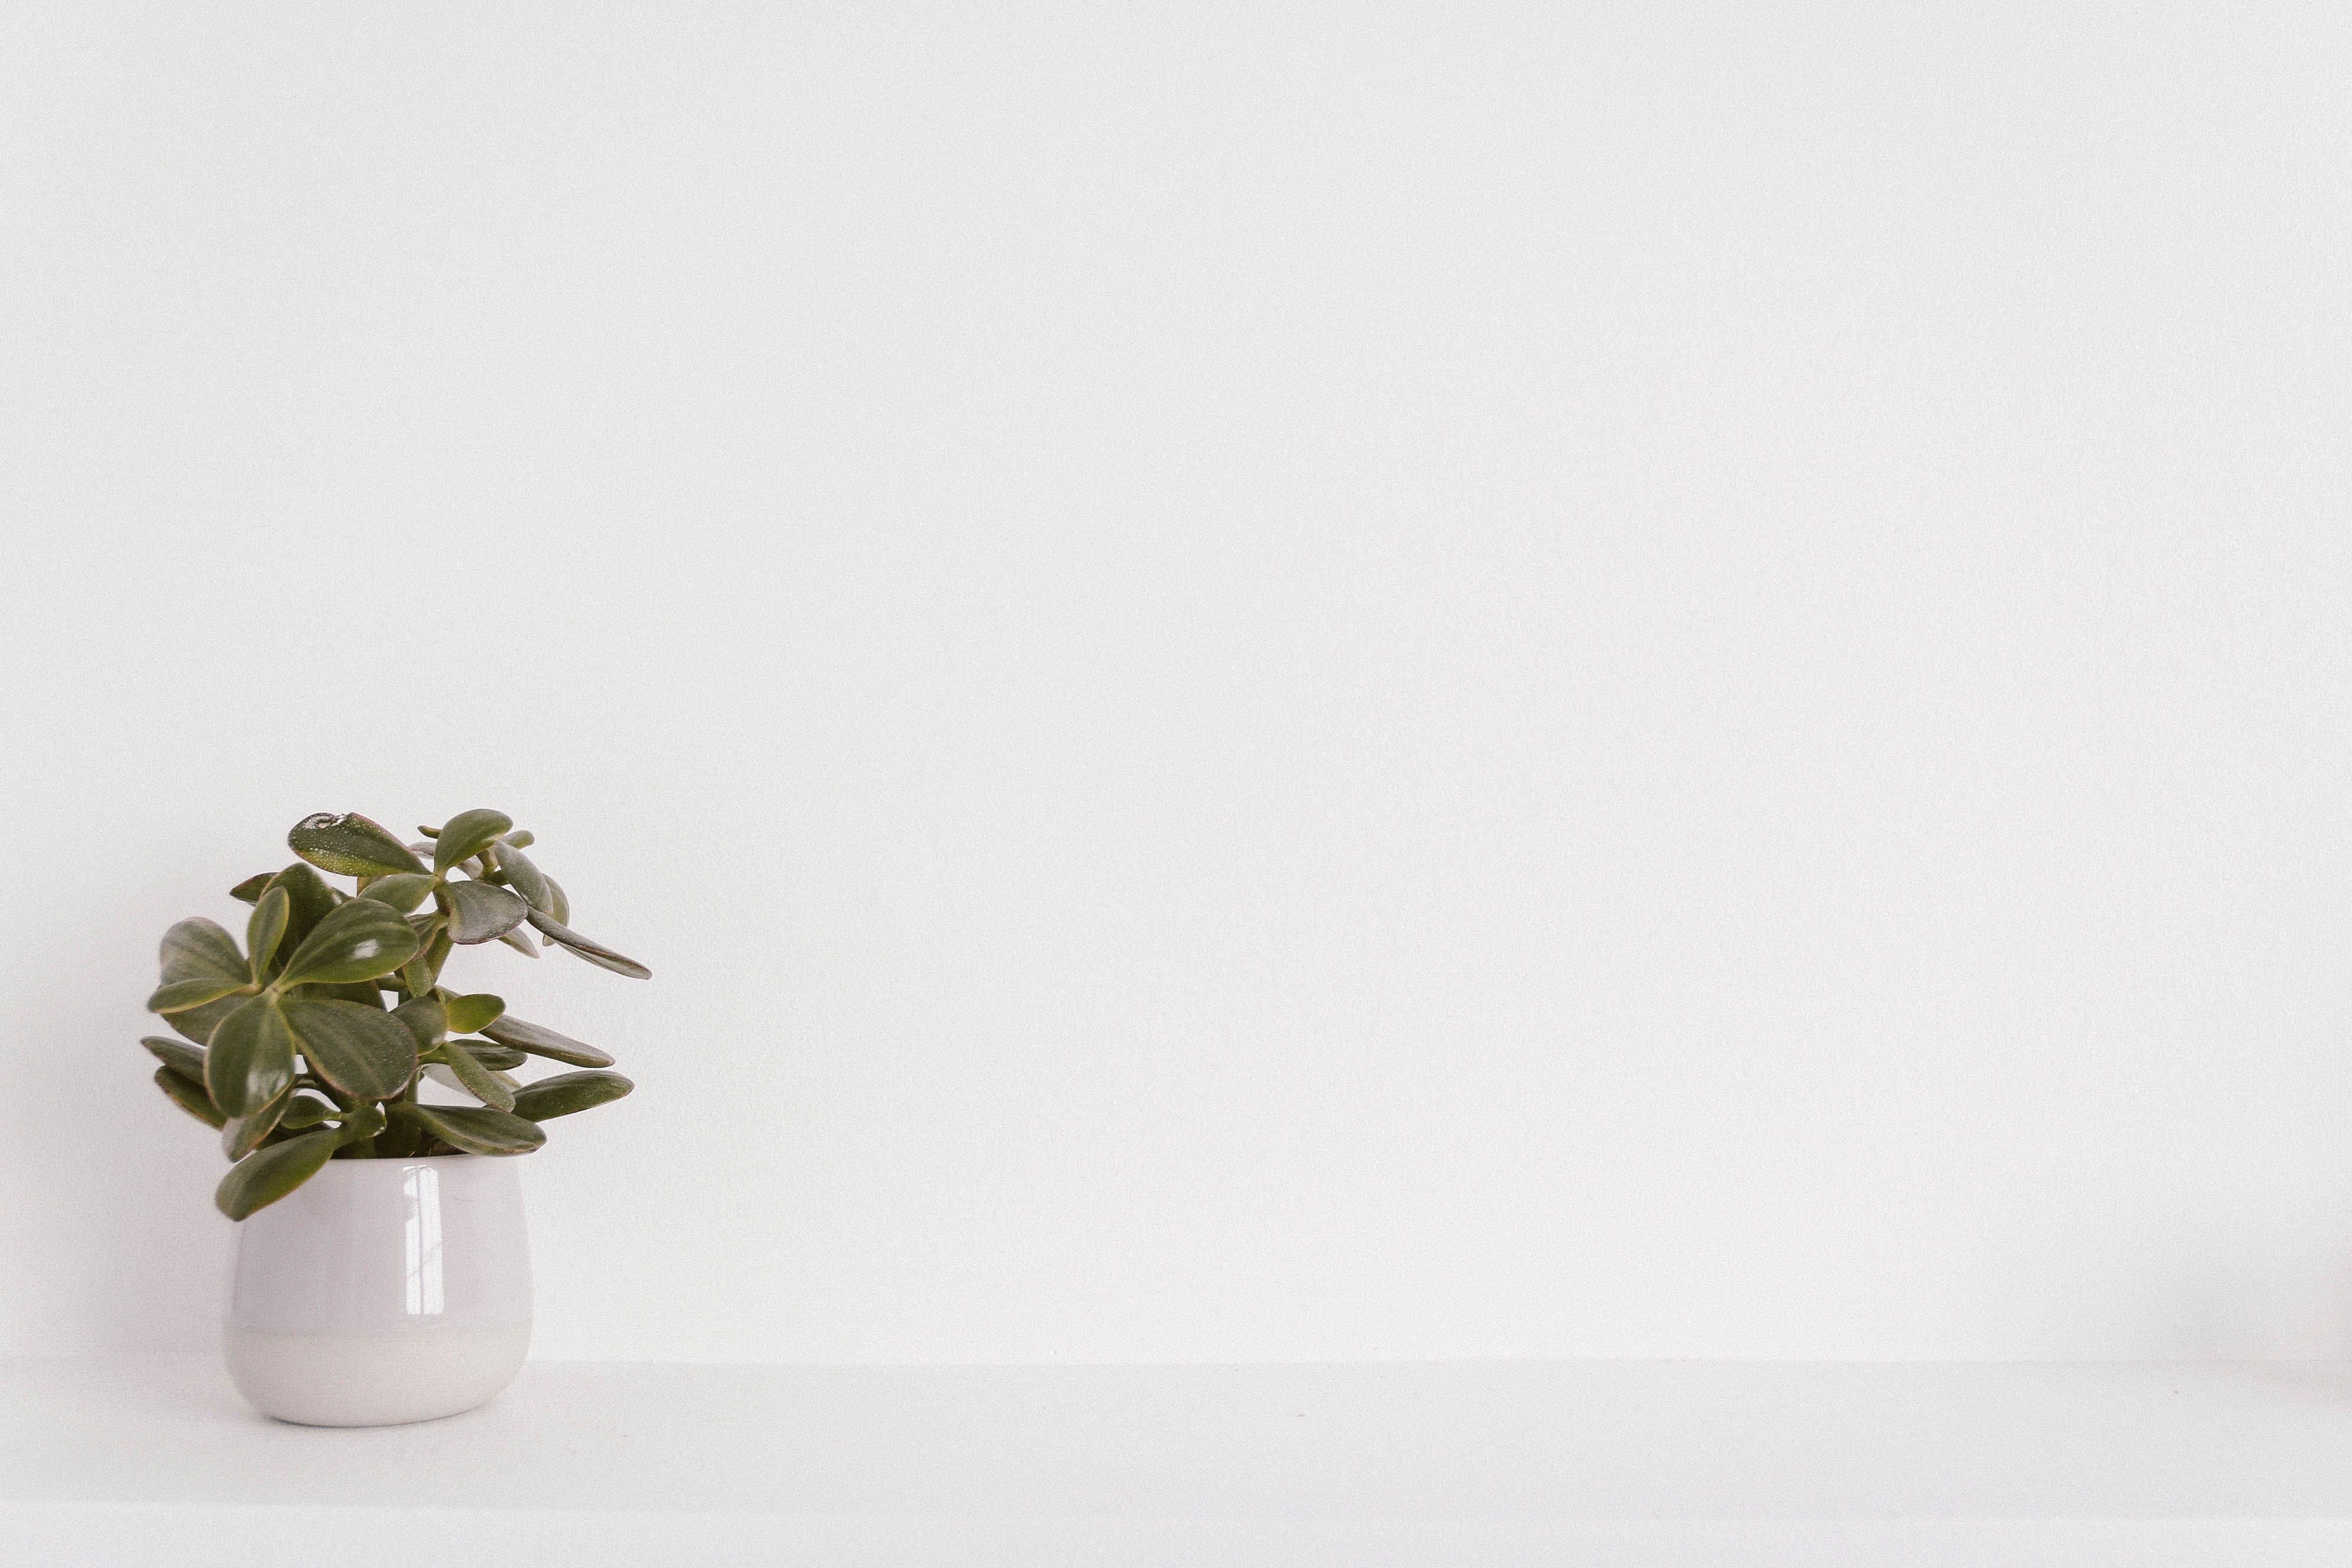 Green Potted Plant on White Ceramic Vase